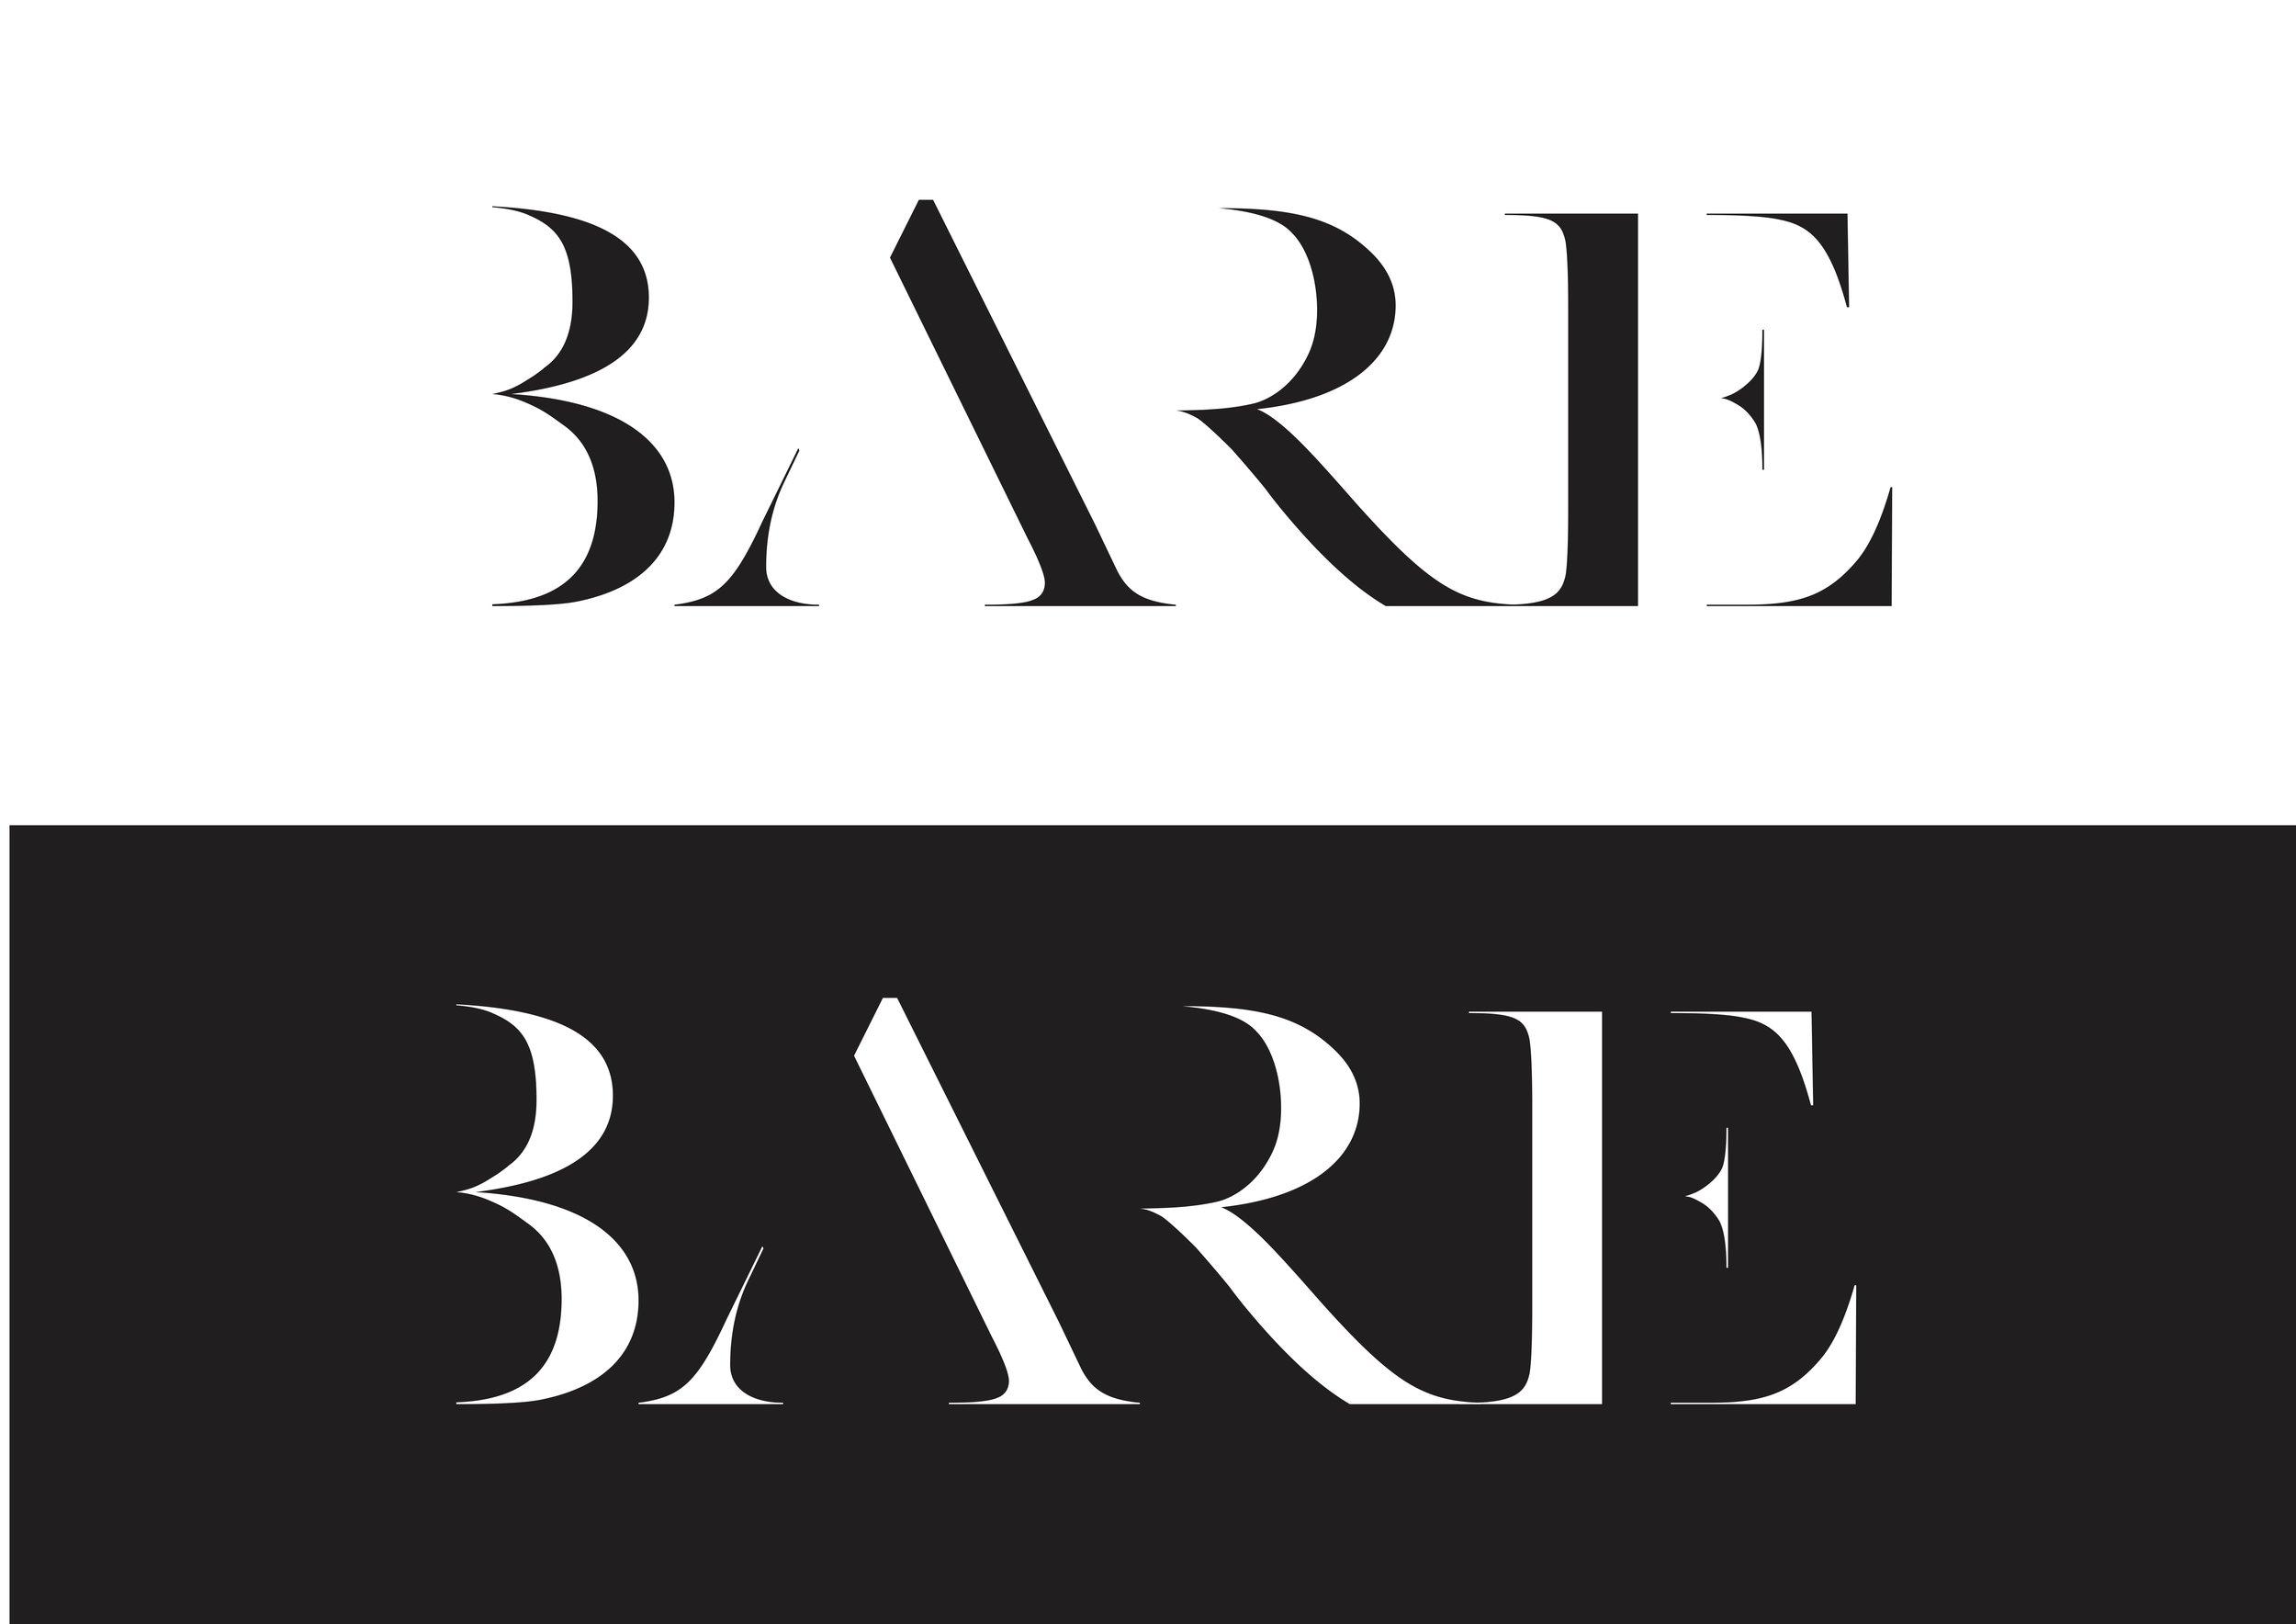 Bare branding 170527 logos Black and white .jpg